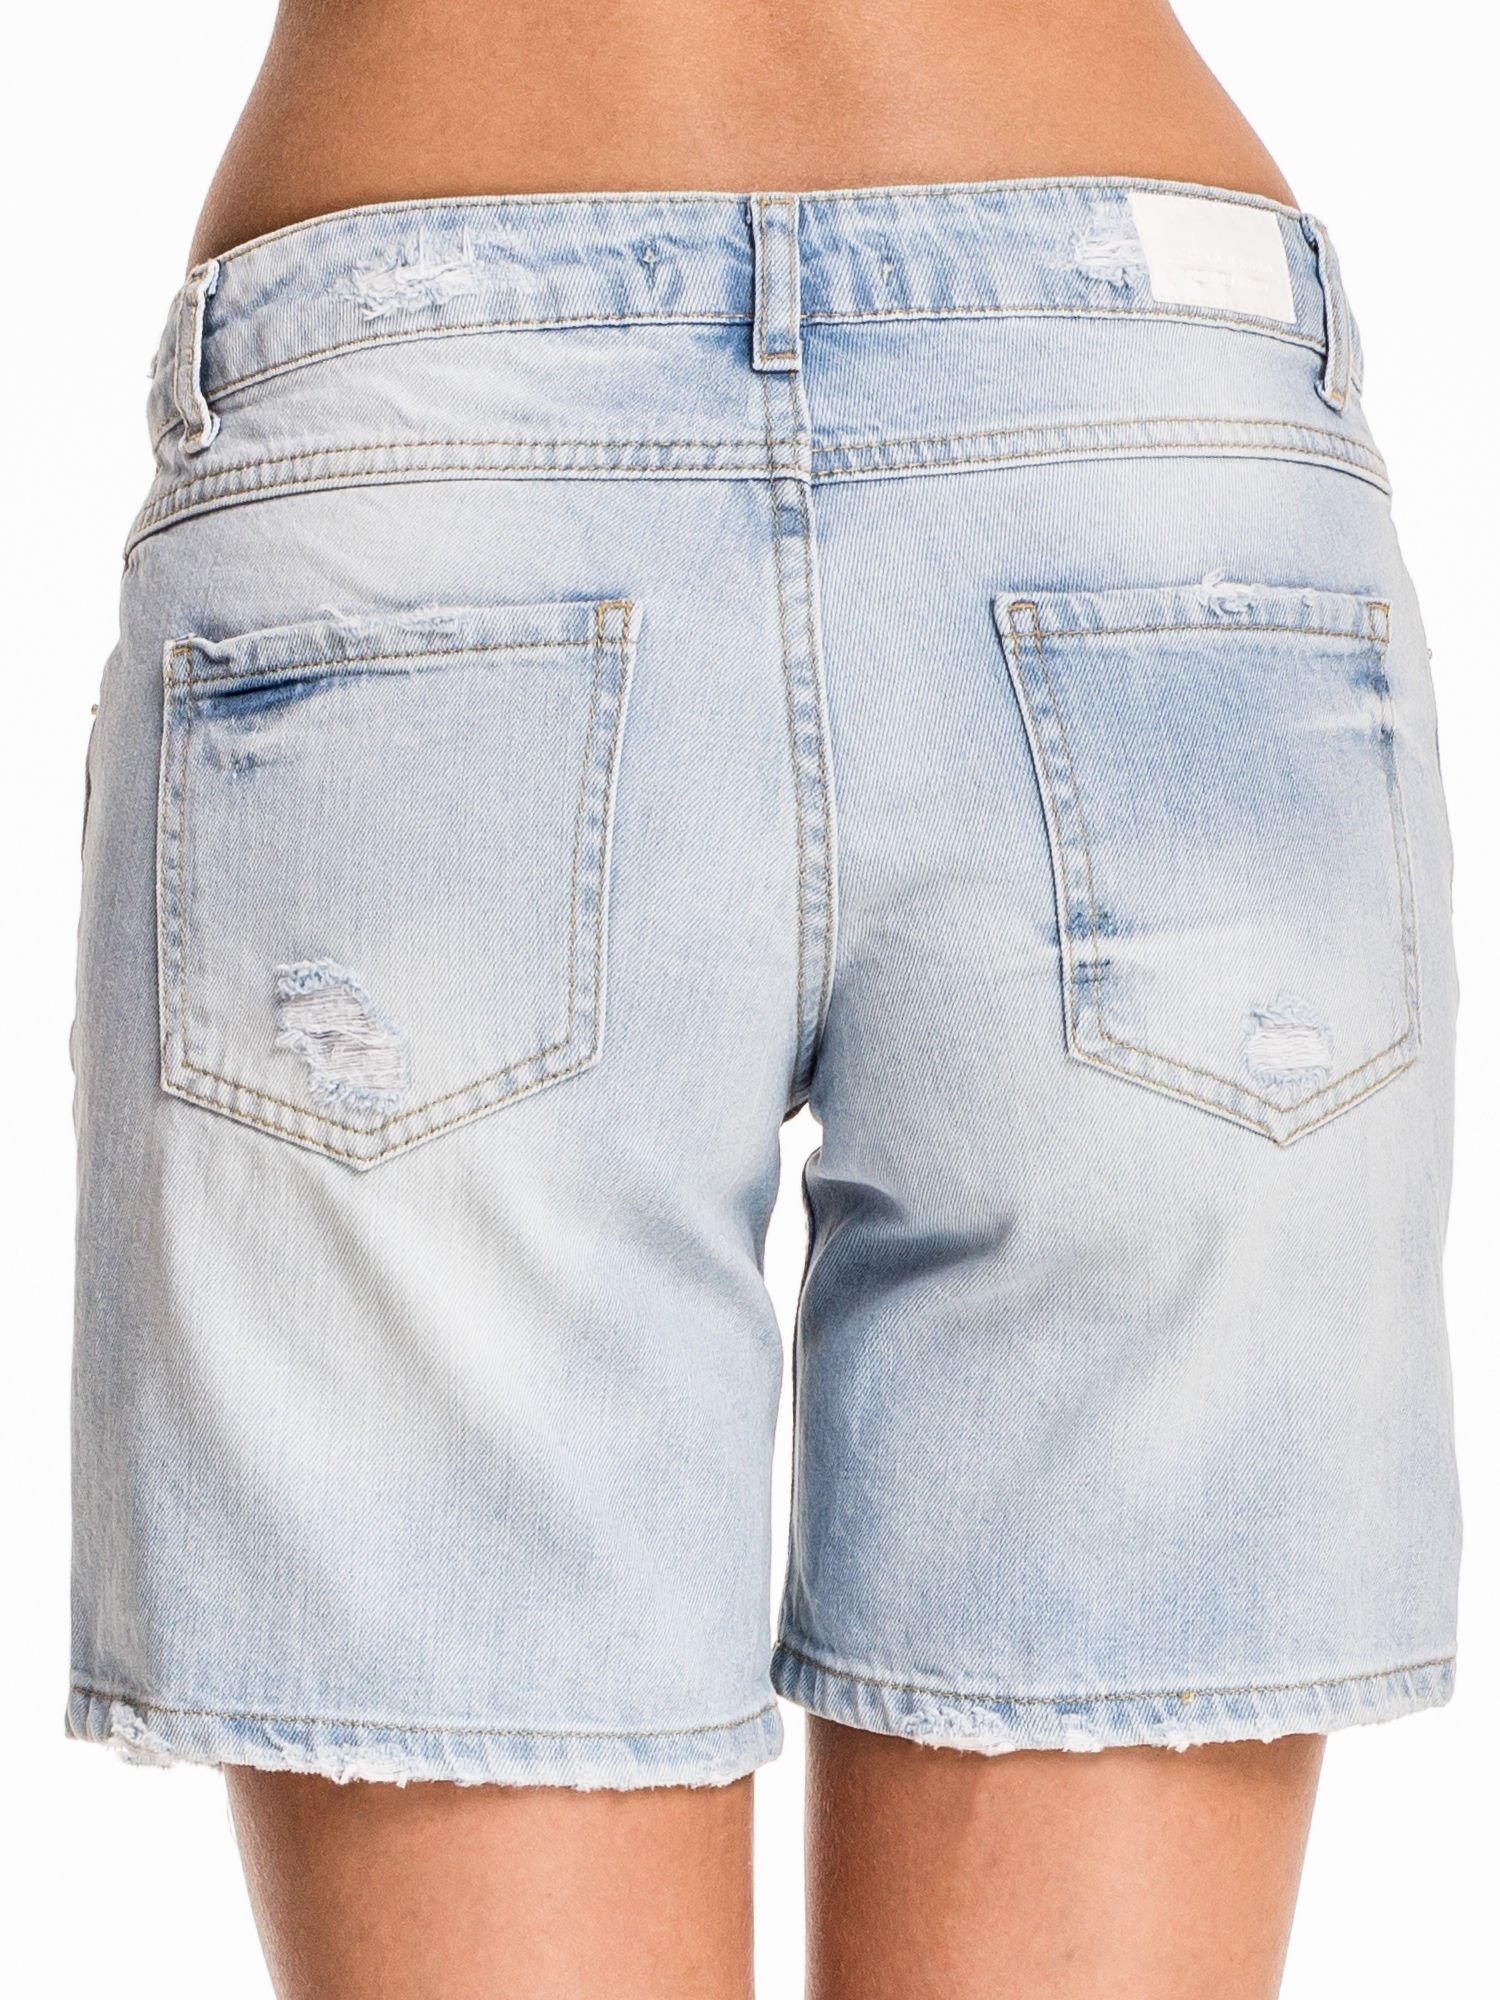 Błękitne jeansowe szorty z przetarciami                                  zdj.                                  2